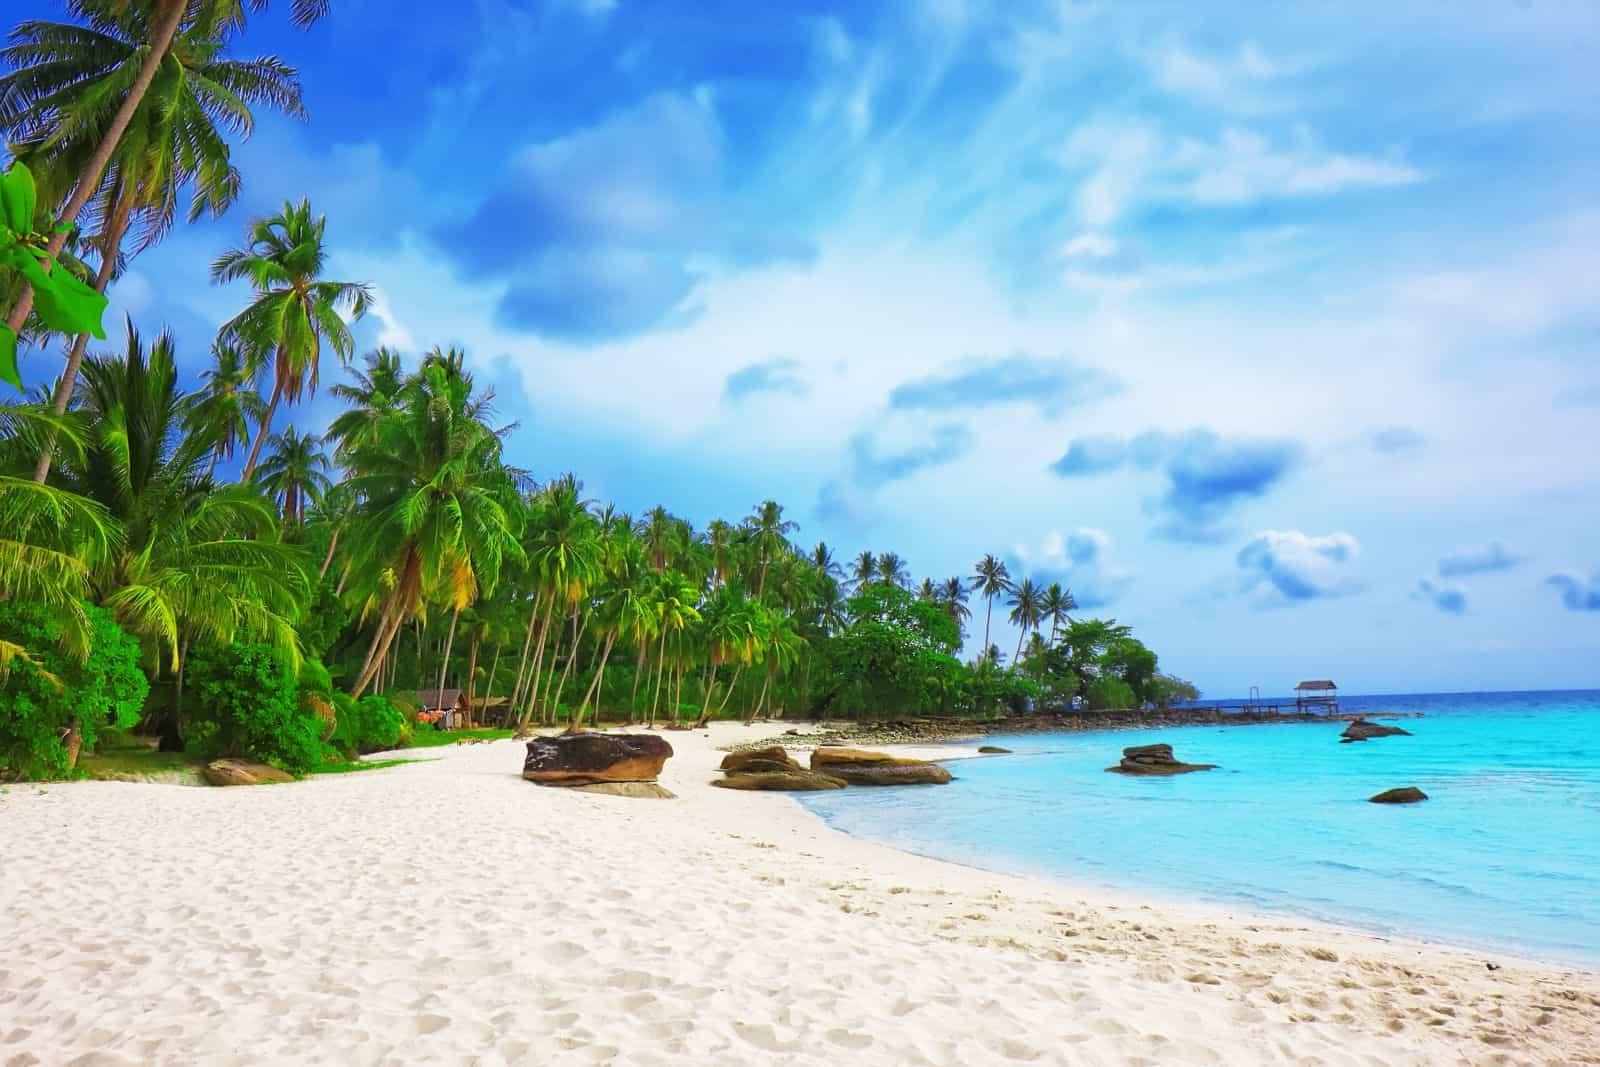 Những thiên đường thu nhỏ xung quanh biển Phú Quốc (phần 1)